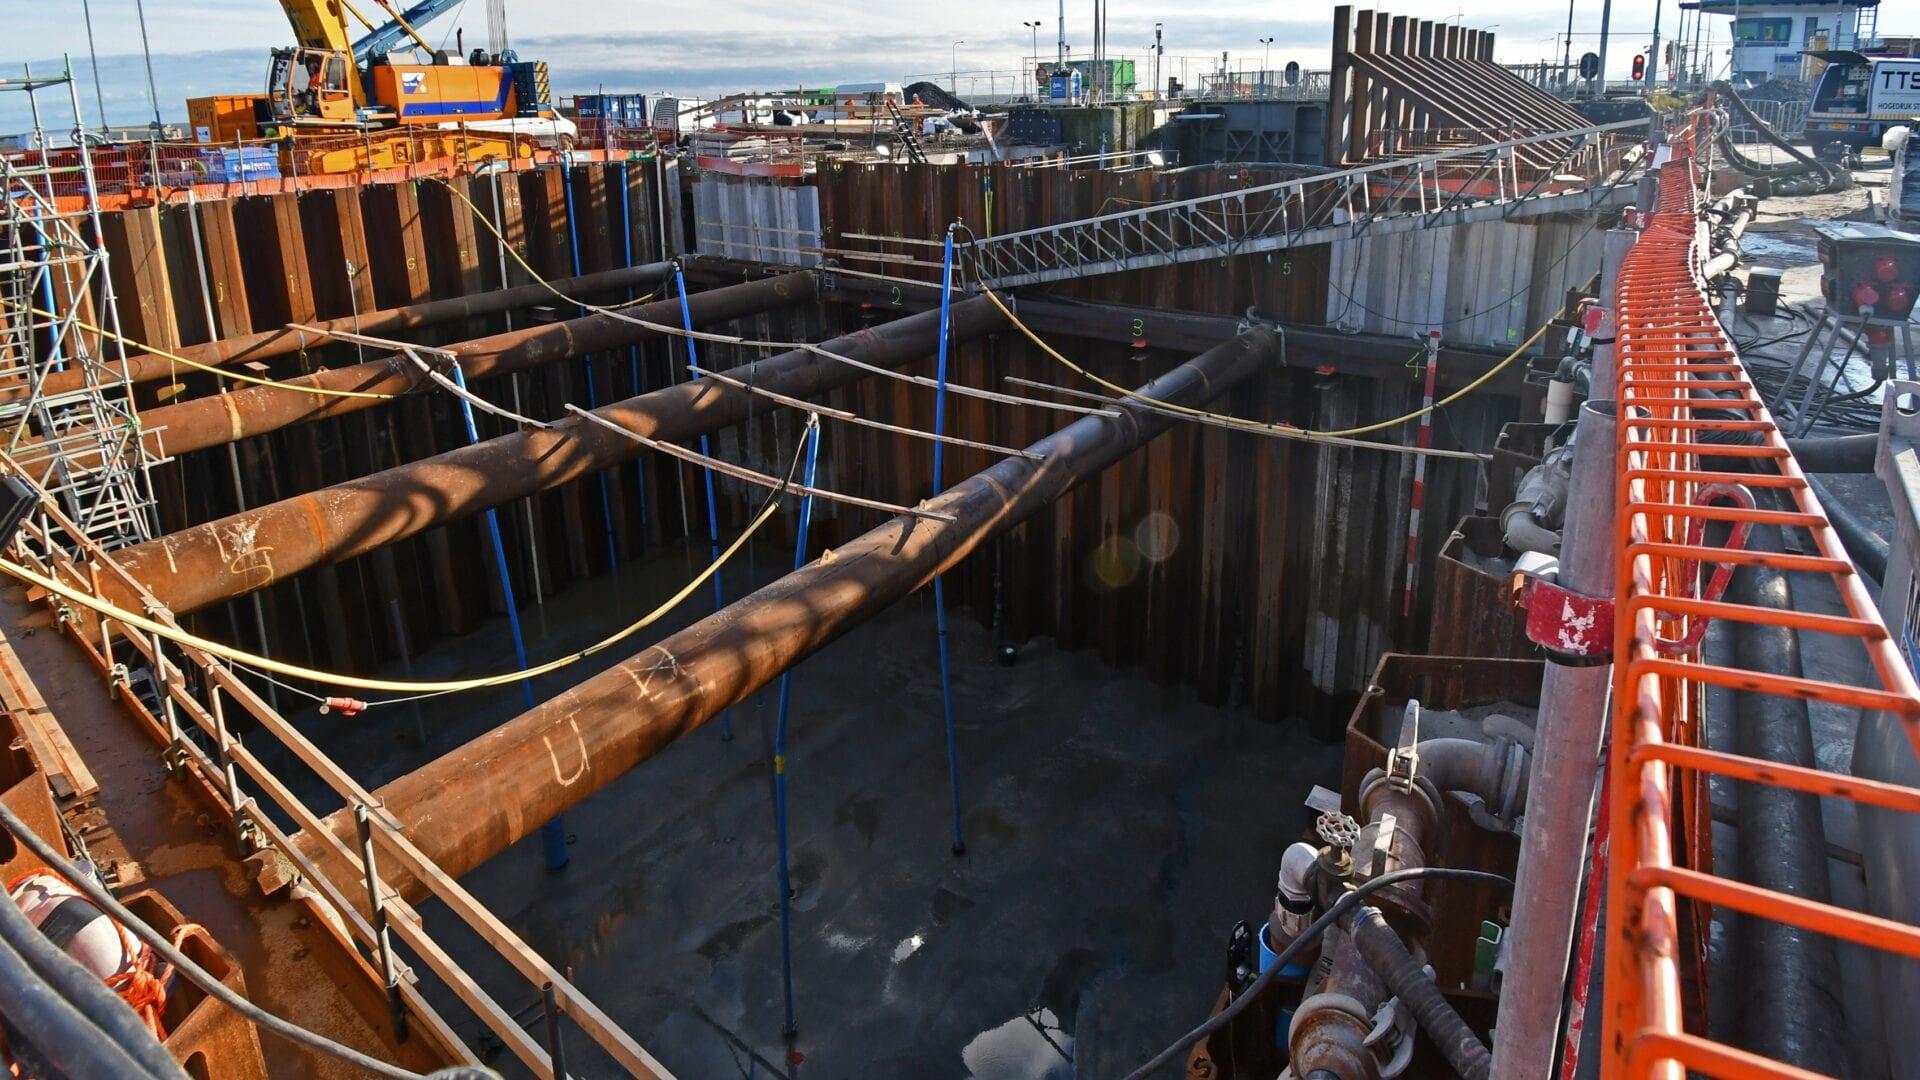 eersluis Den Oever; na de onderwaterbetonstort is de bouwkuip met gebruik van 16 bronnen leeggepompt. Ca. 5.000 m3 water (5 miljoen liter) is weggepompt en de vloer is schoongemaakt.